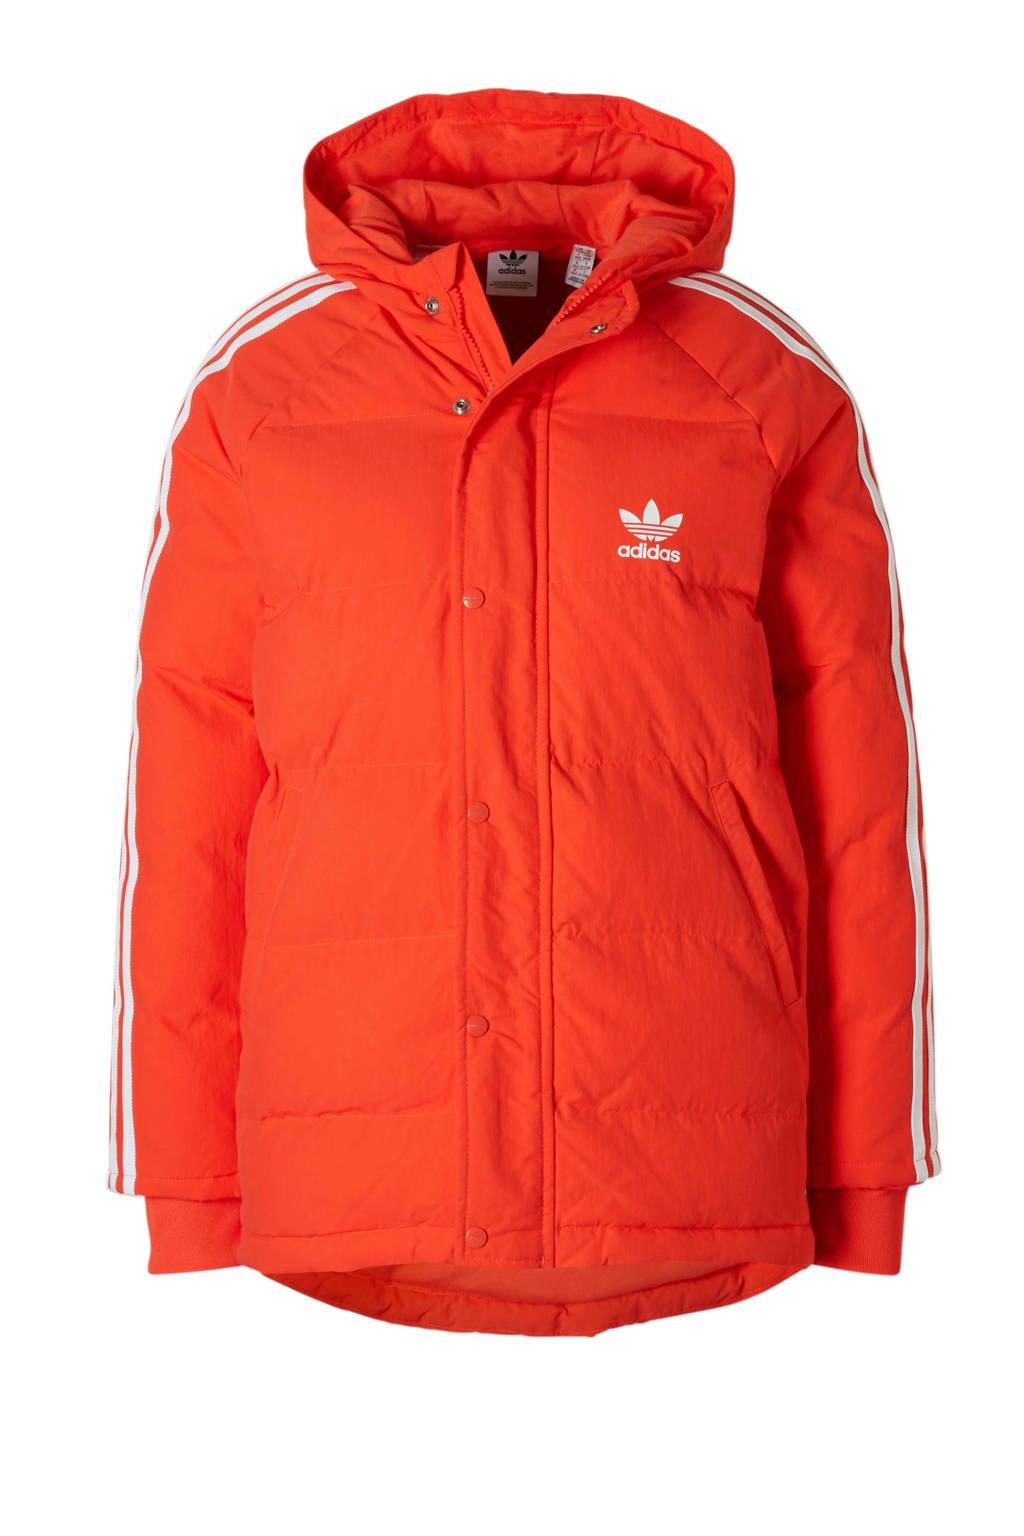 adidas originals winterjas oranje, Oranje/wit